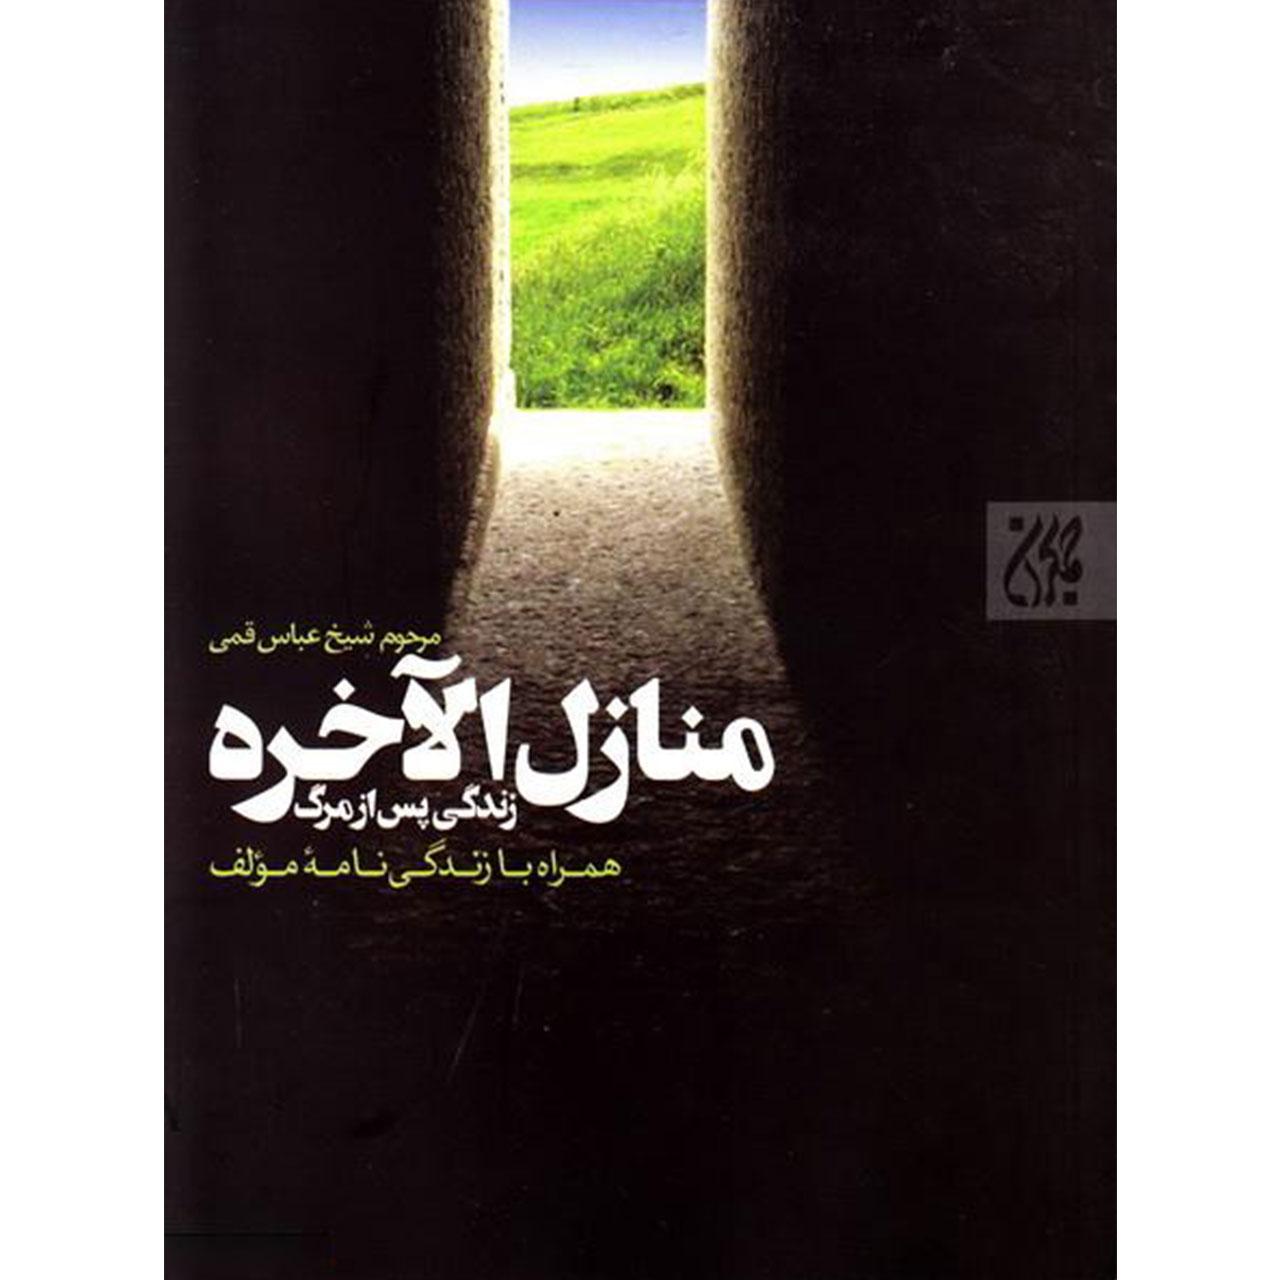 خرید                      کتاب منازل الآخره اثر شیخ عباس قمی انتشارات جمکران